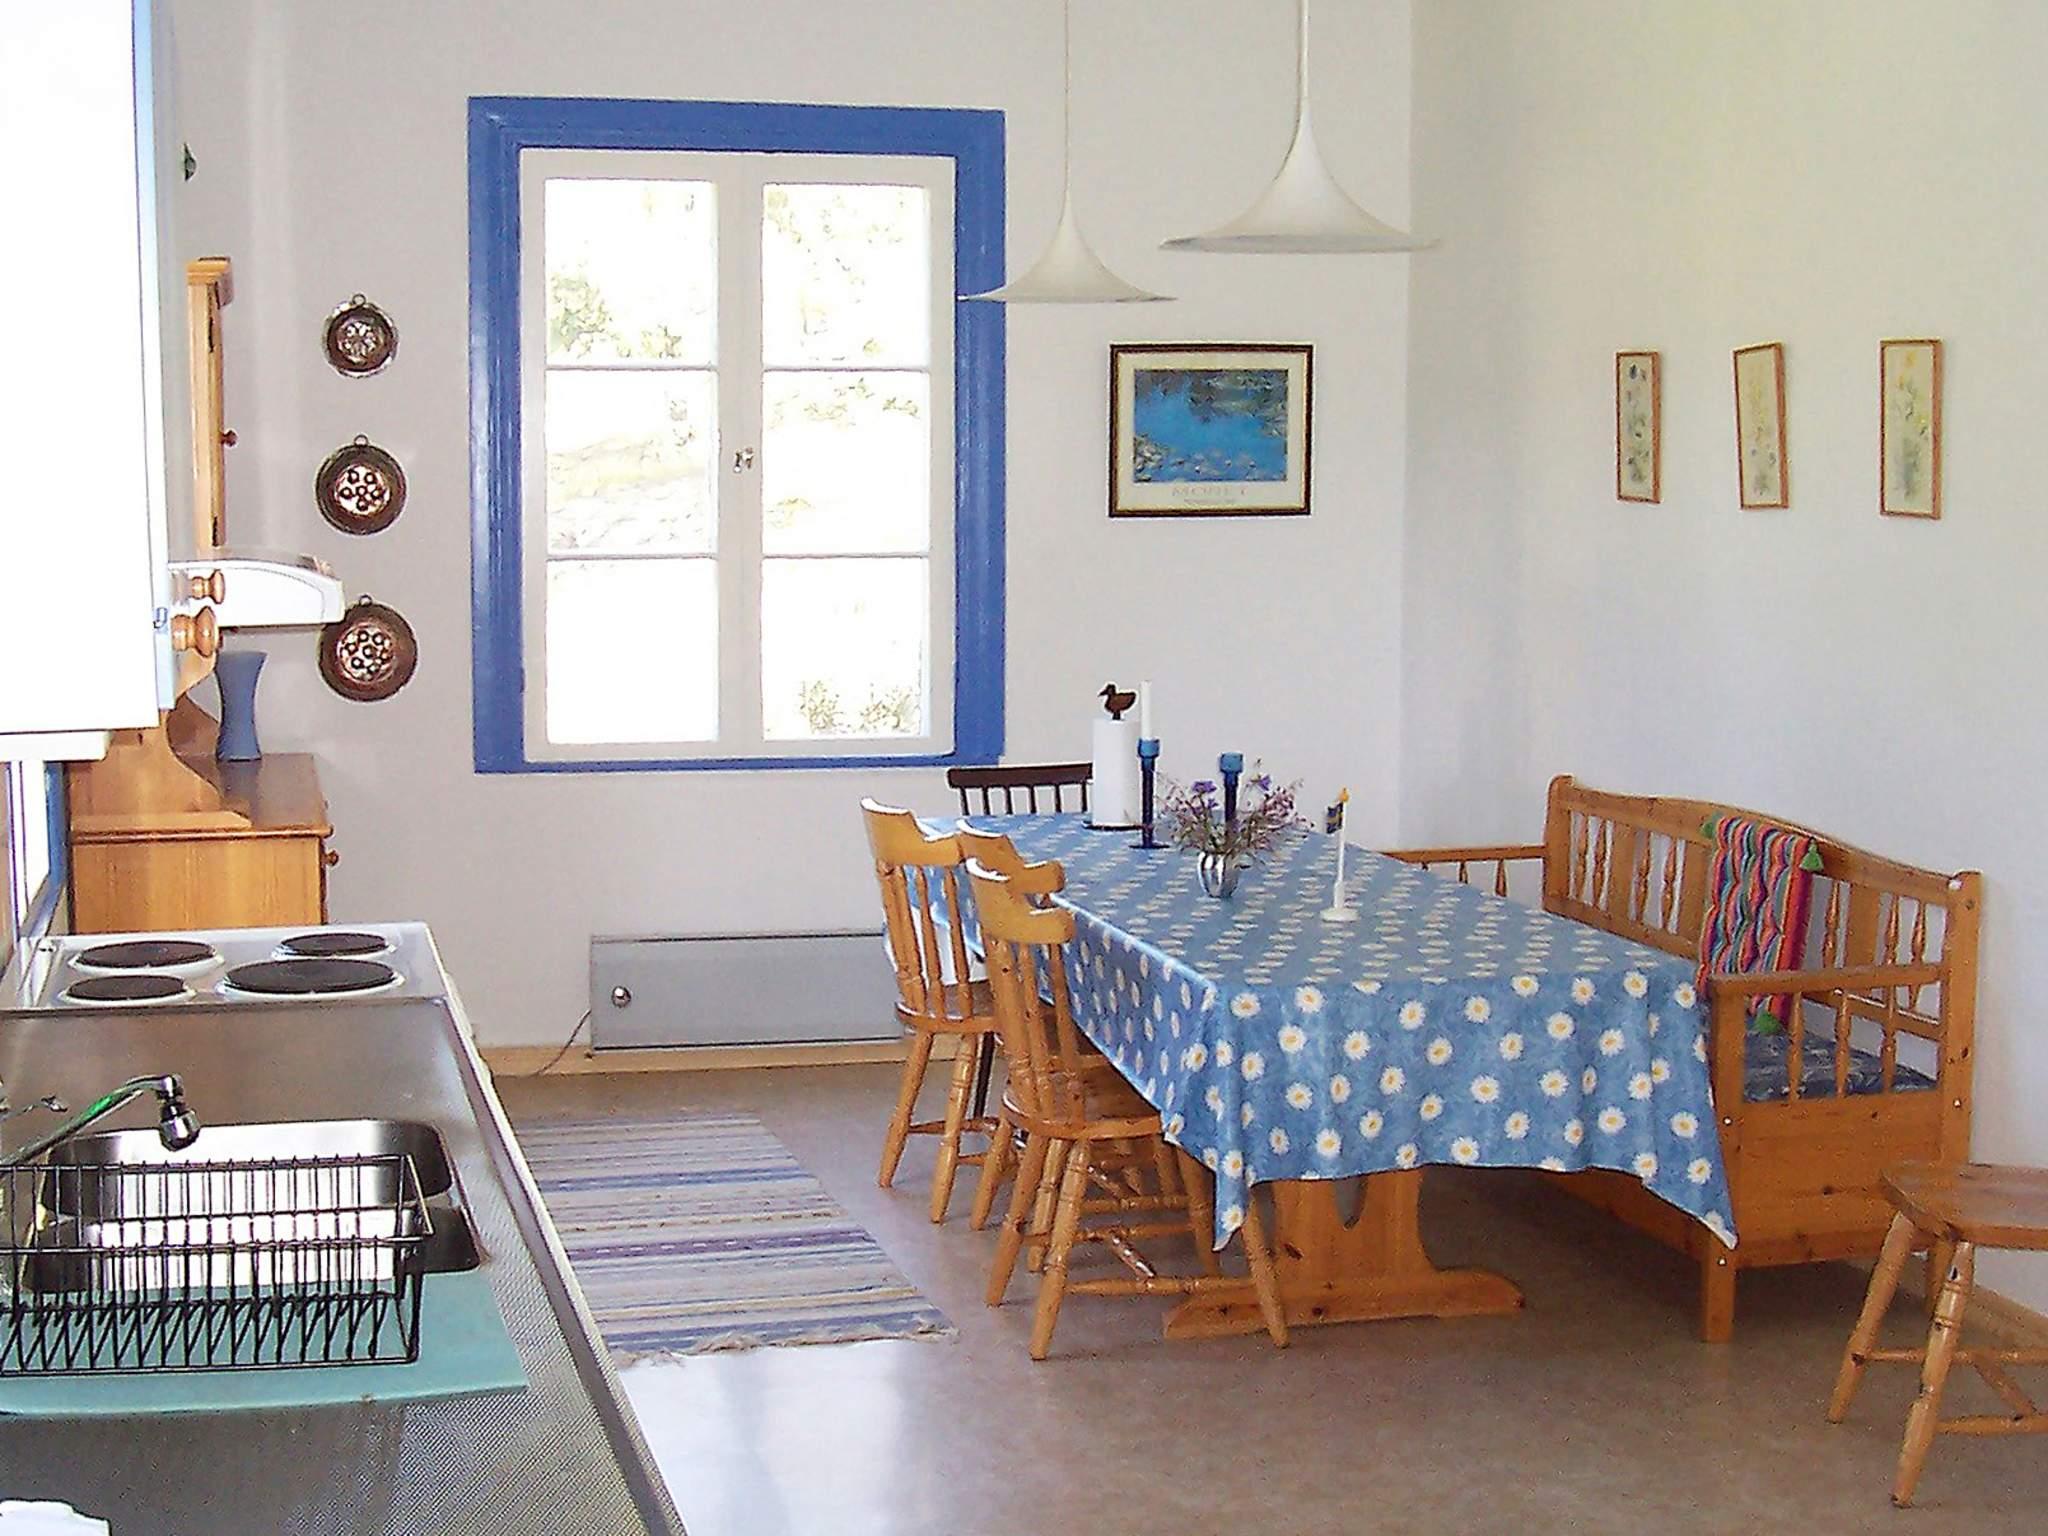 Ferienhaus Tving (135628), Tving, Blekinge län, Südschweden, Schweden, Bild 4